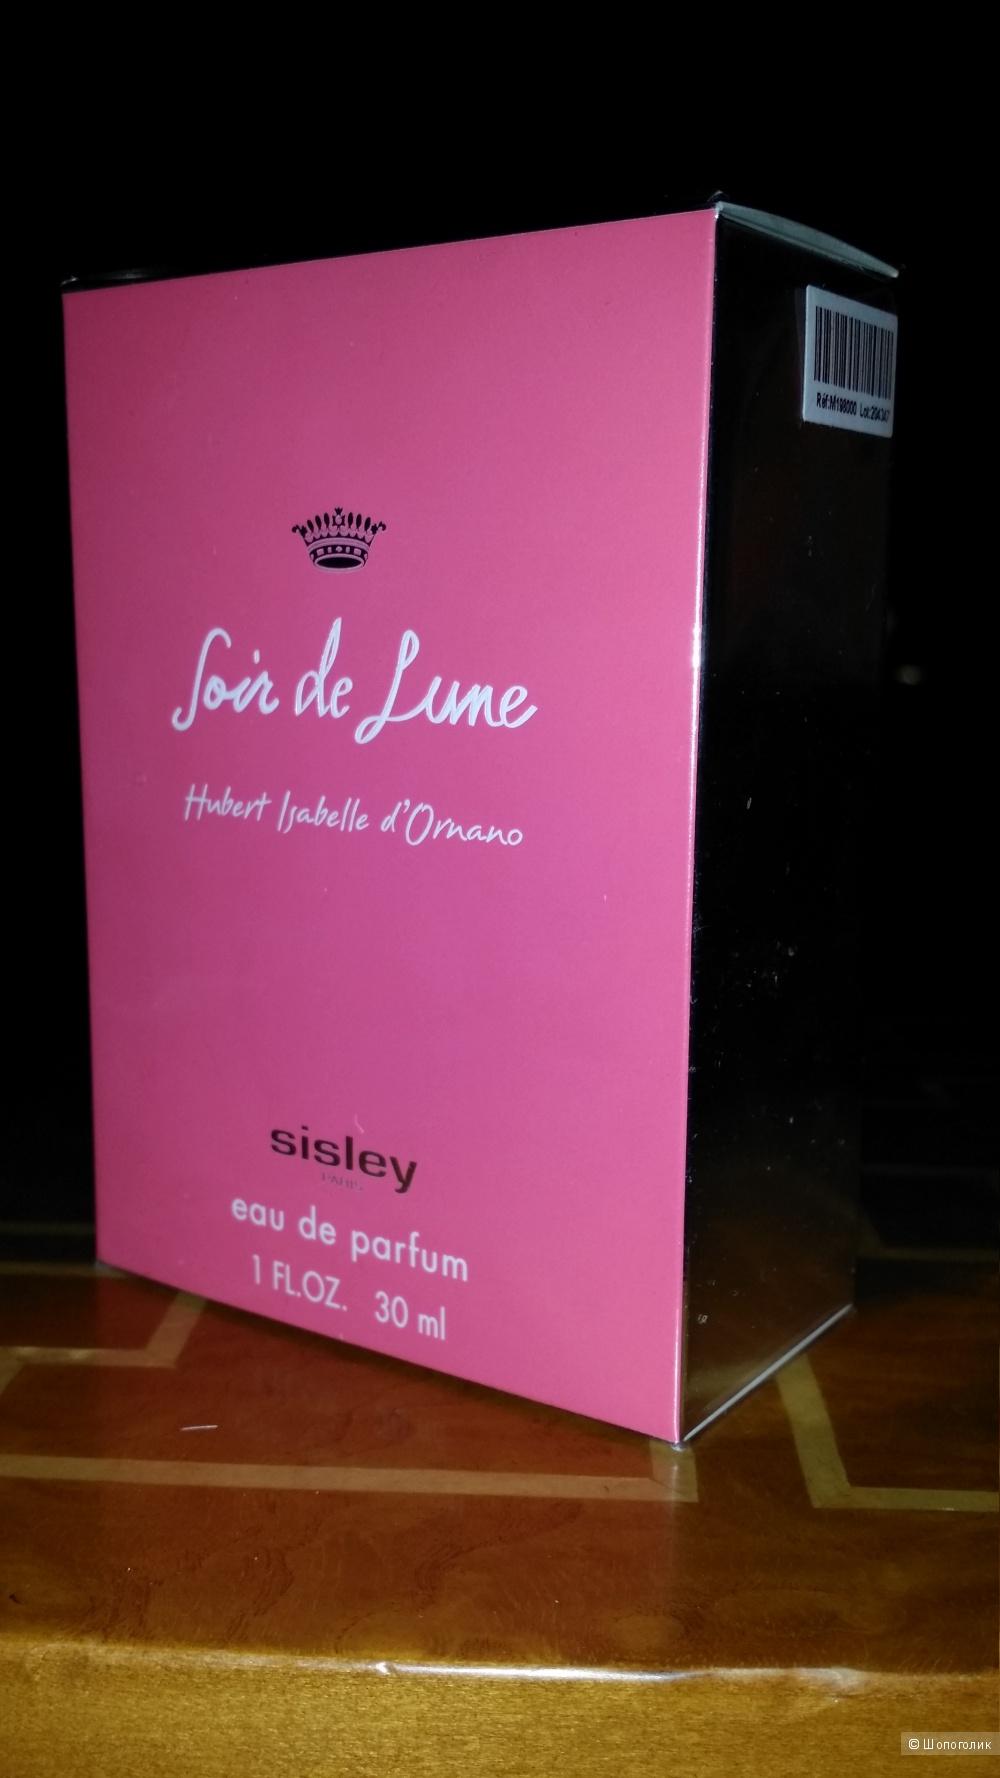 Soir de Lune, Sisley 30 ml